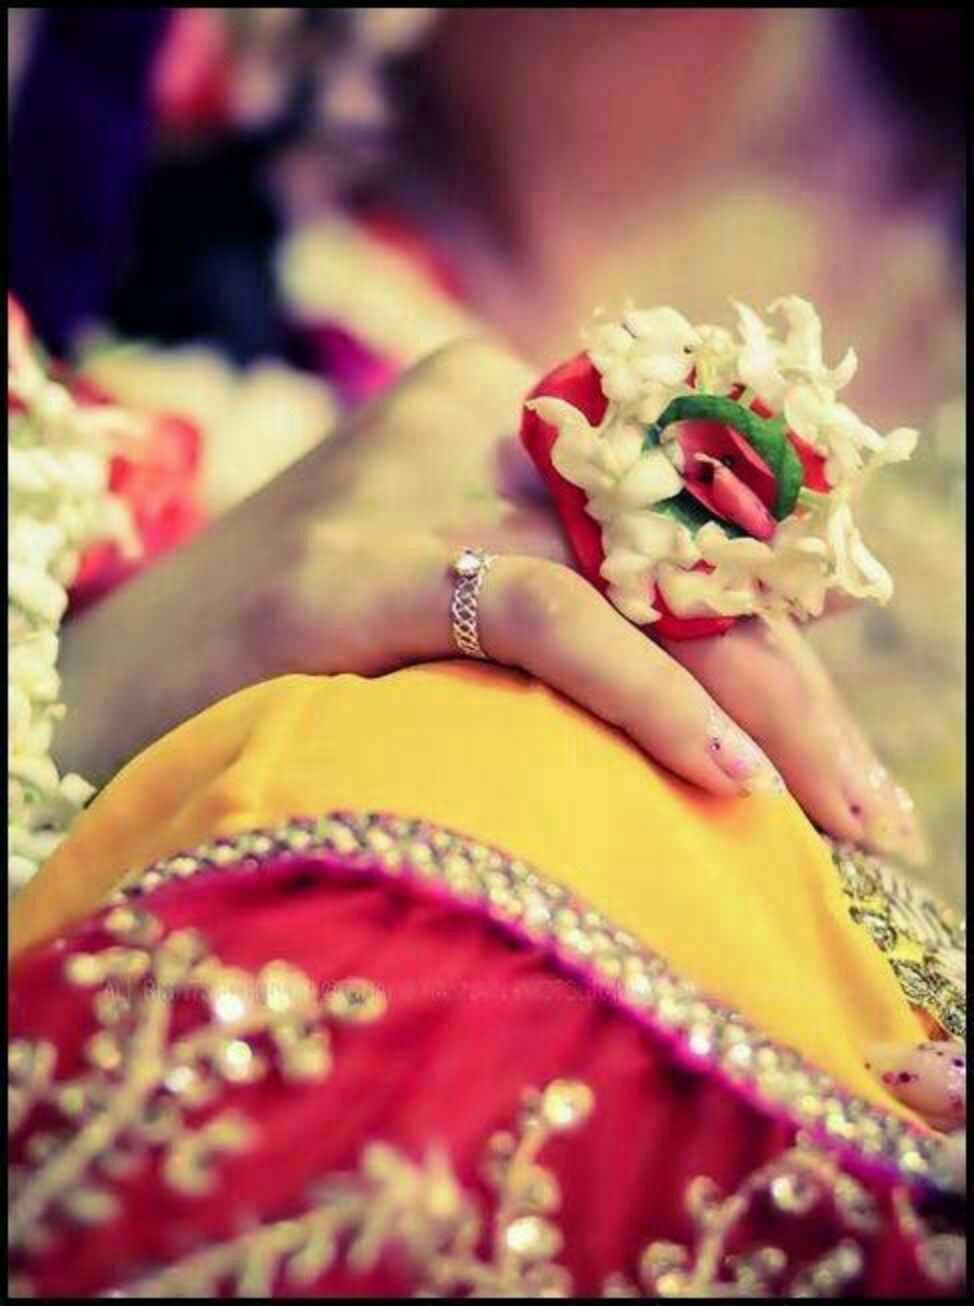 Pin mehndi and bangles display pics awesome dp wallpaper on pinterest - Beautiful Hands Mehndi Photo Shoots Bollywood Hennas